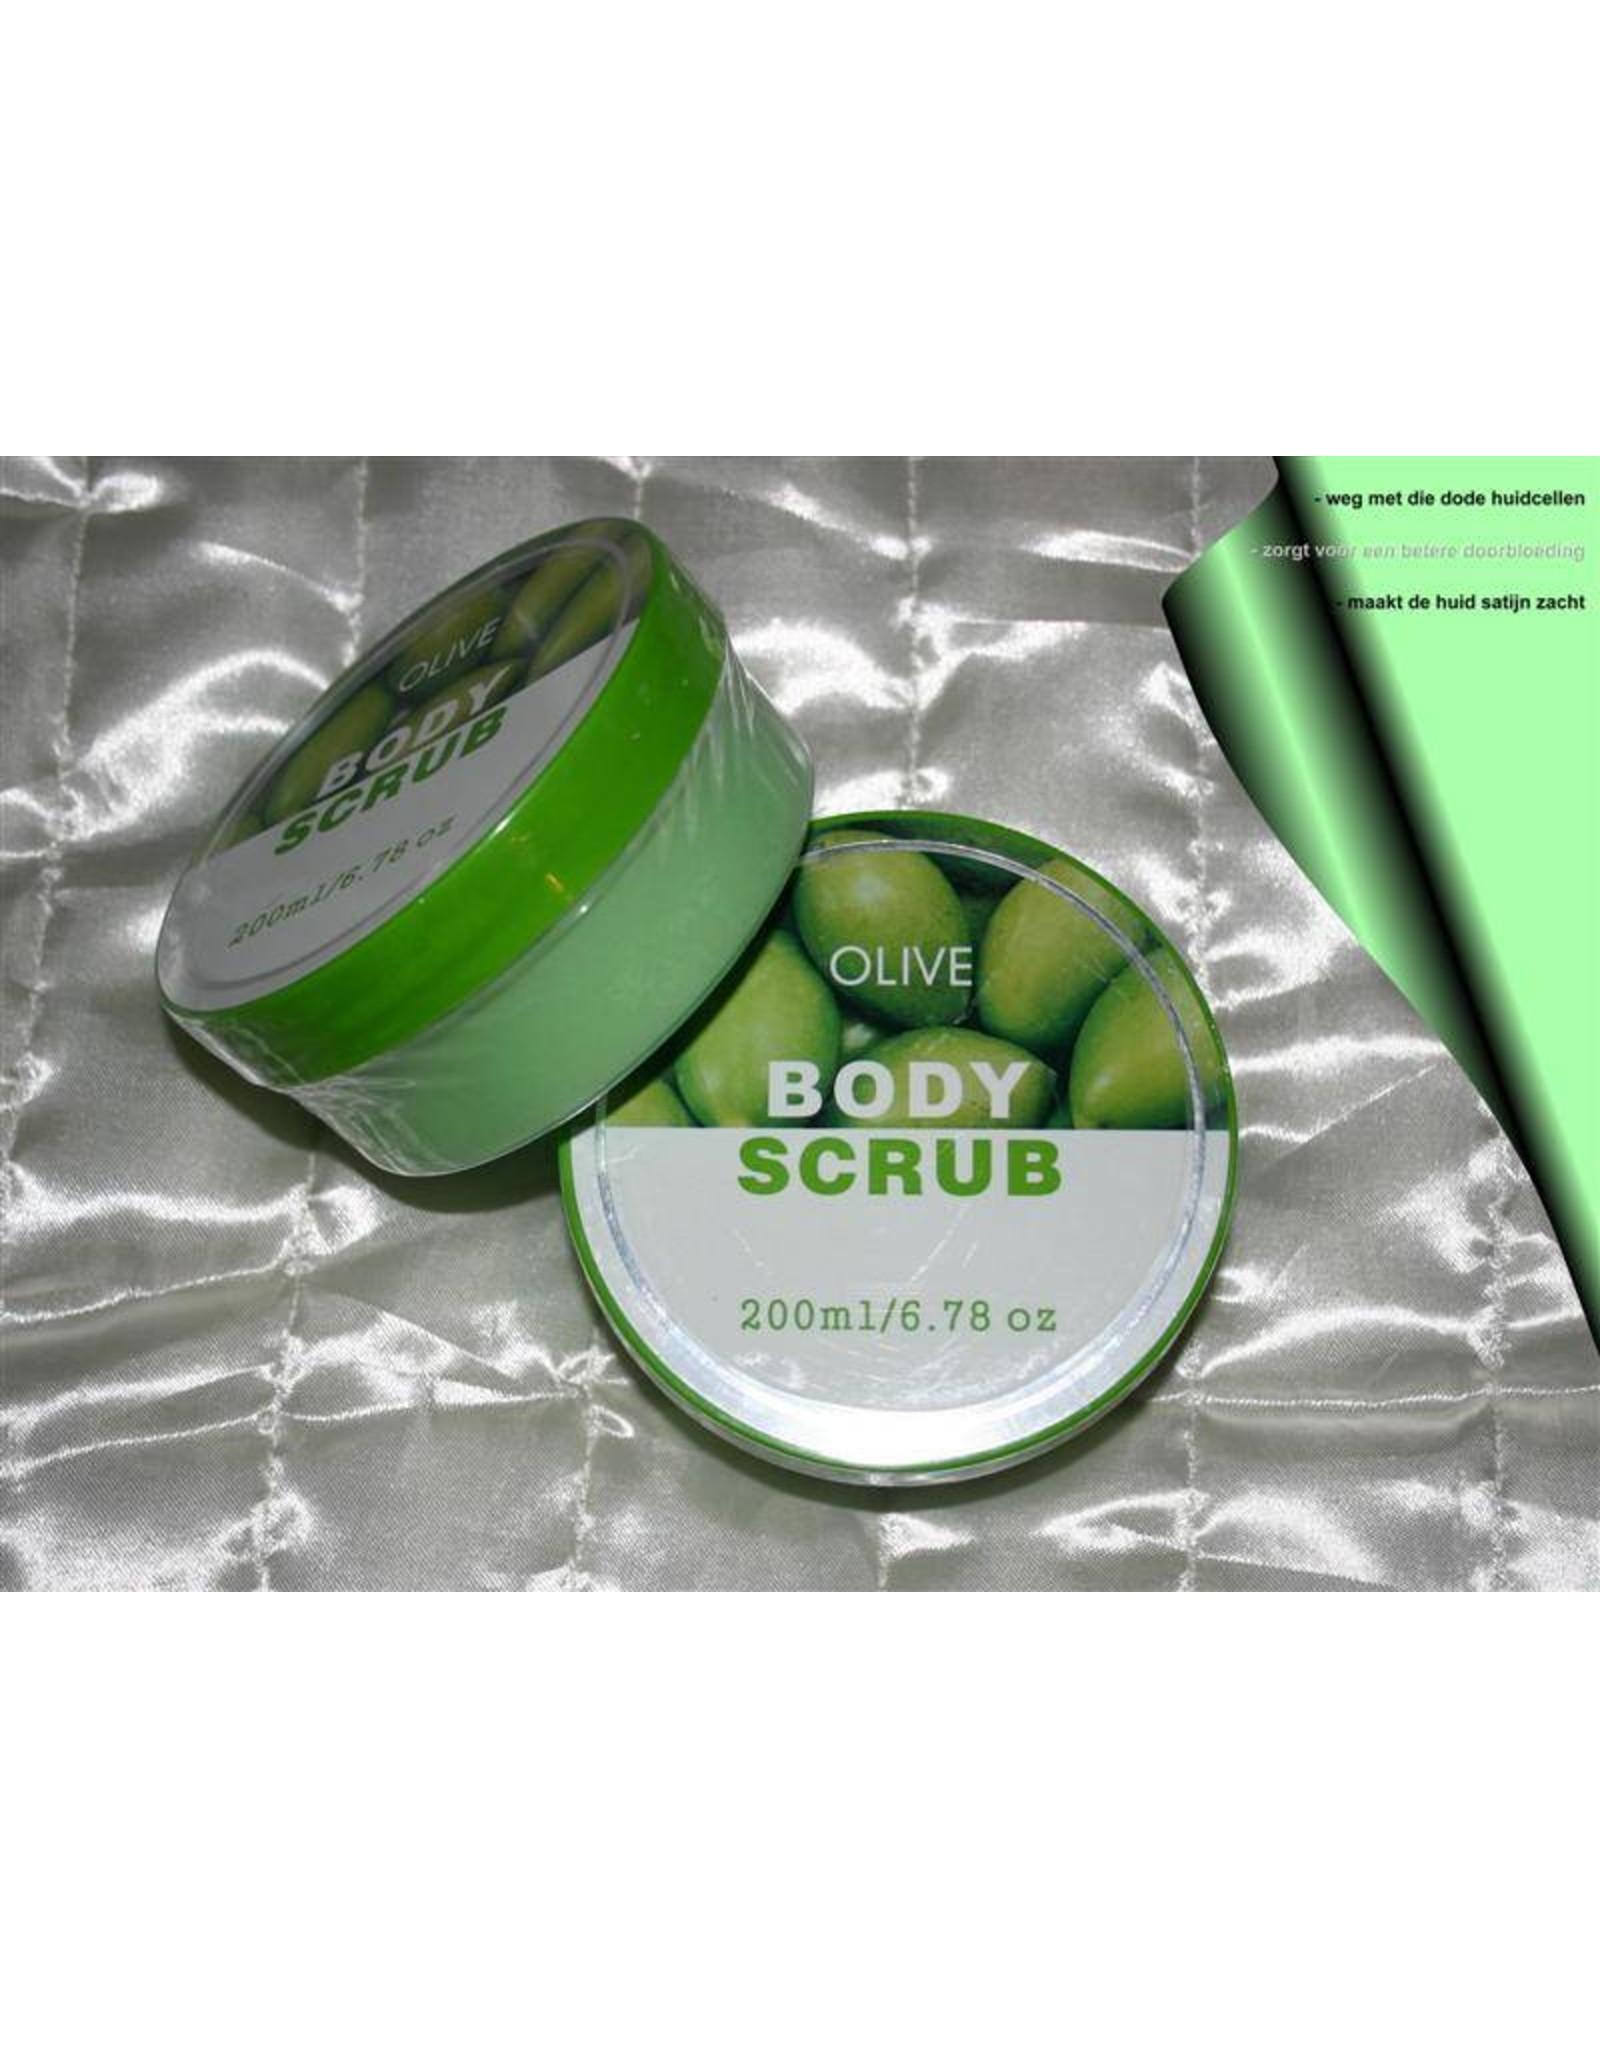 Body Scrub 'Olive' - Body & Soap